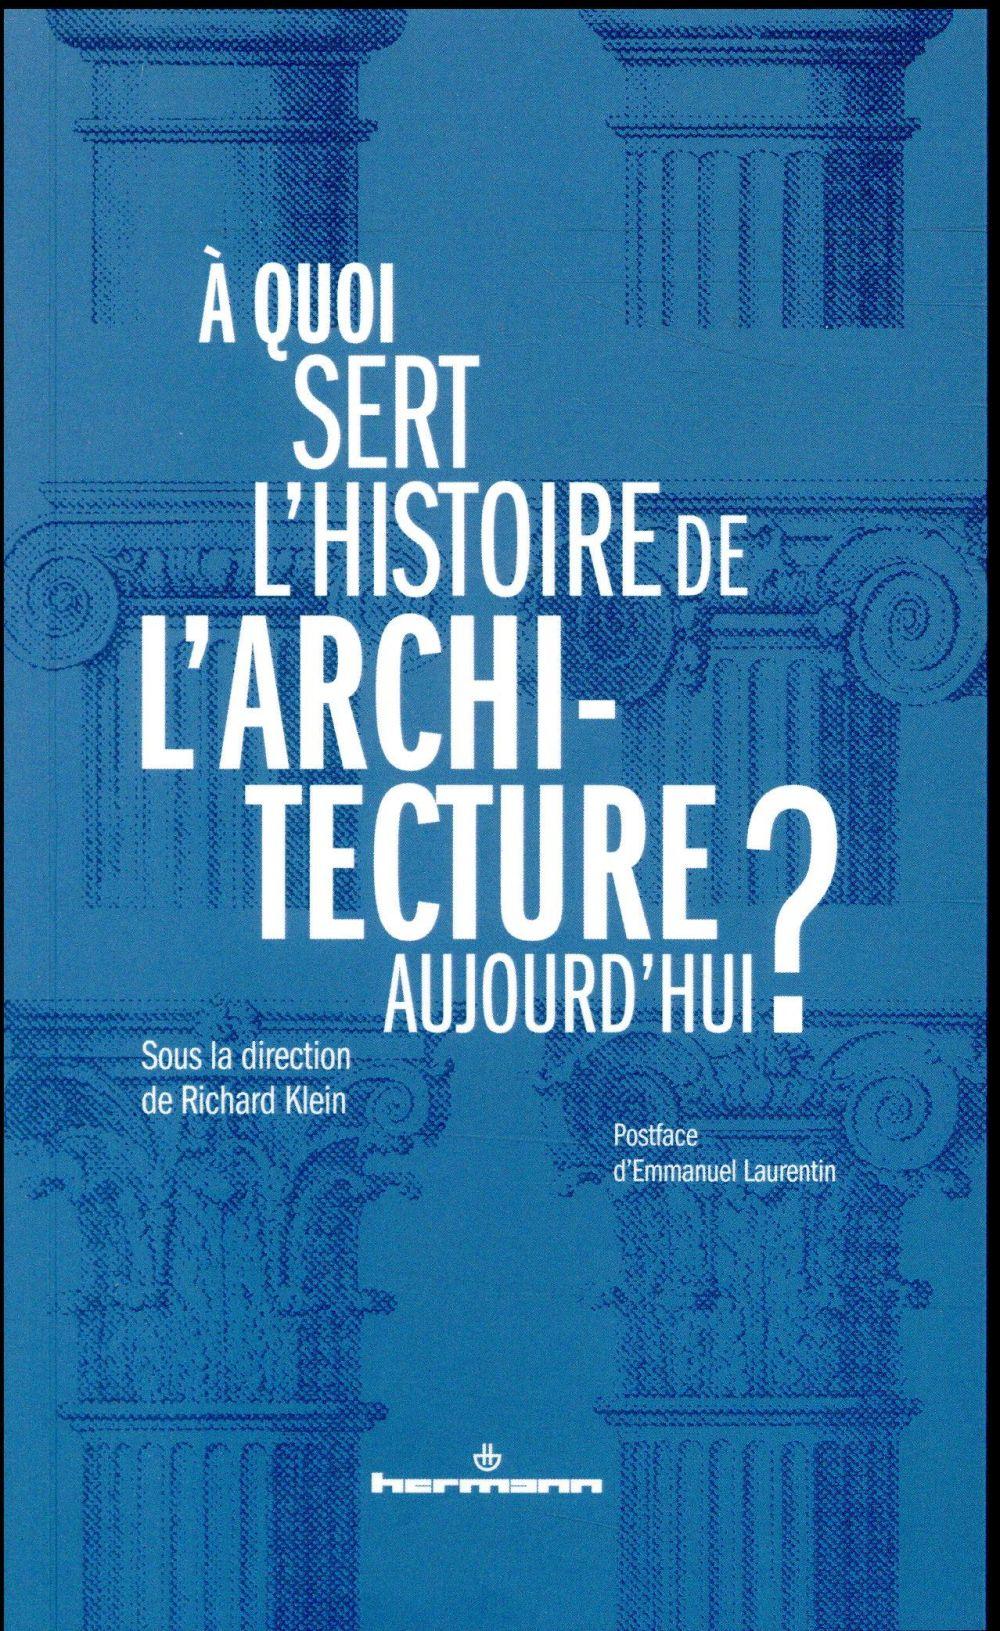 à quoi sert l'histoire de l'architecture aujourd'hui ?